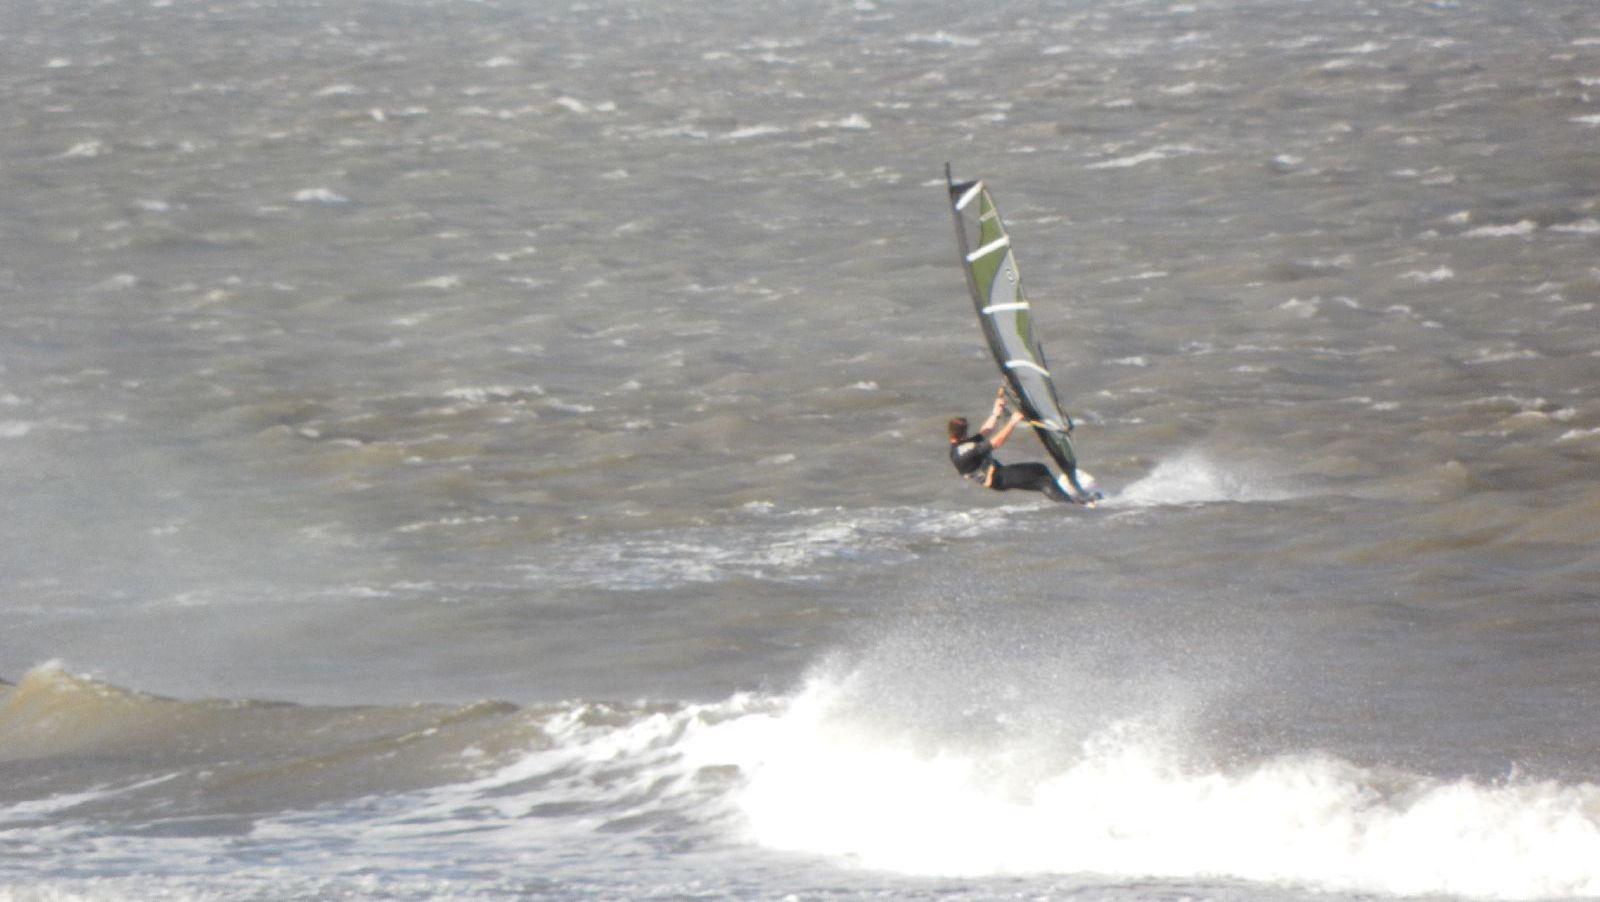 Windsurfen_La_Franqui_franqui_03.JPG